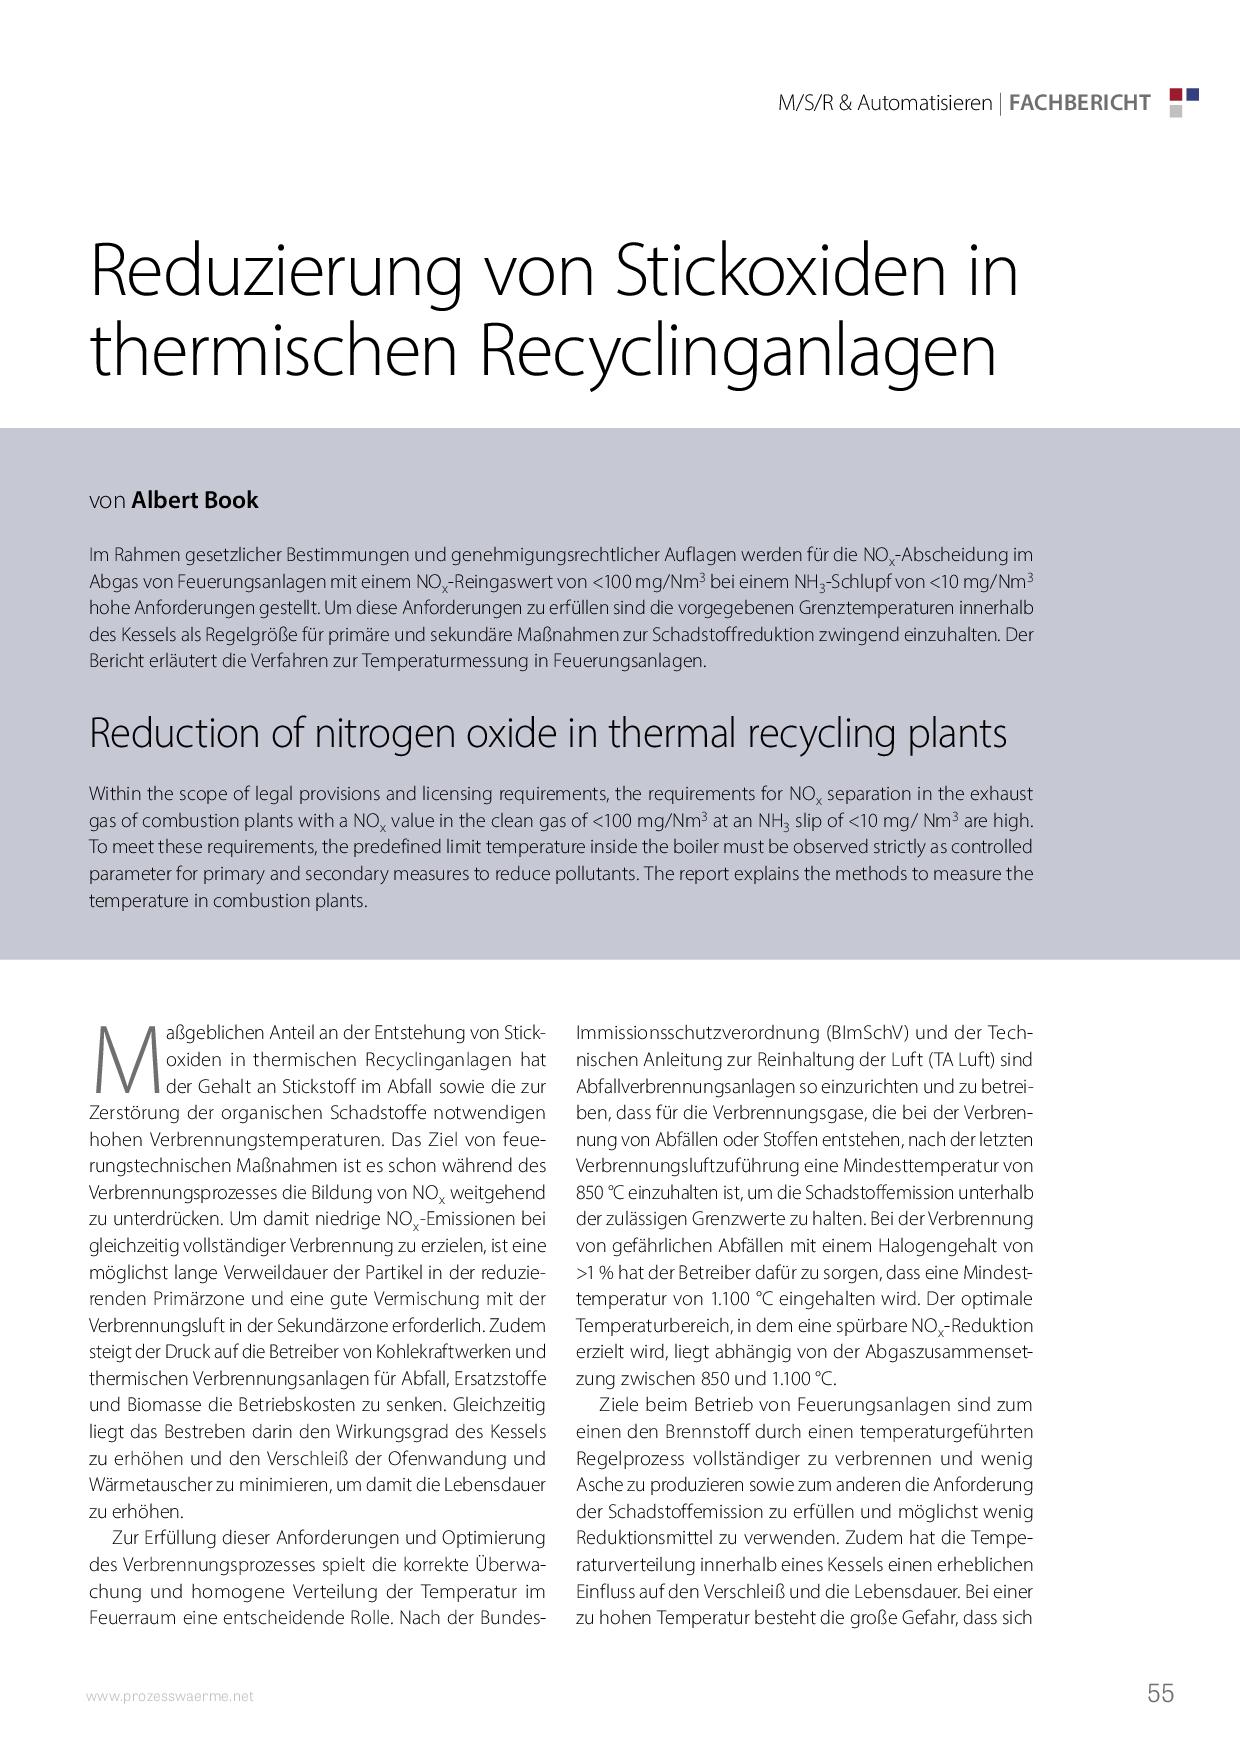 Reduzierung von Stickoxiden in thermischen Recyclinganlagen